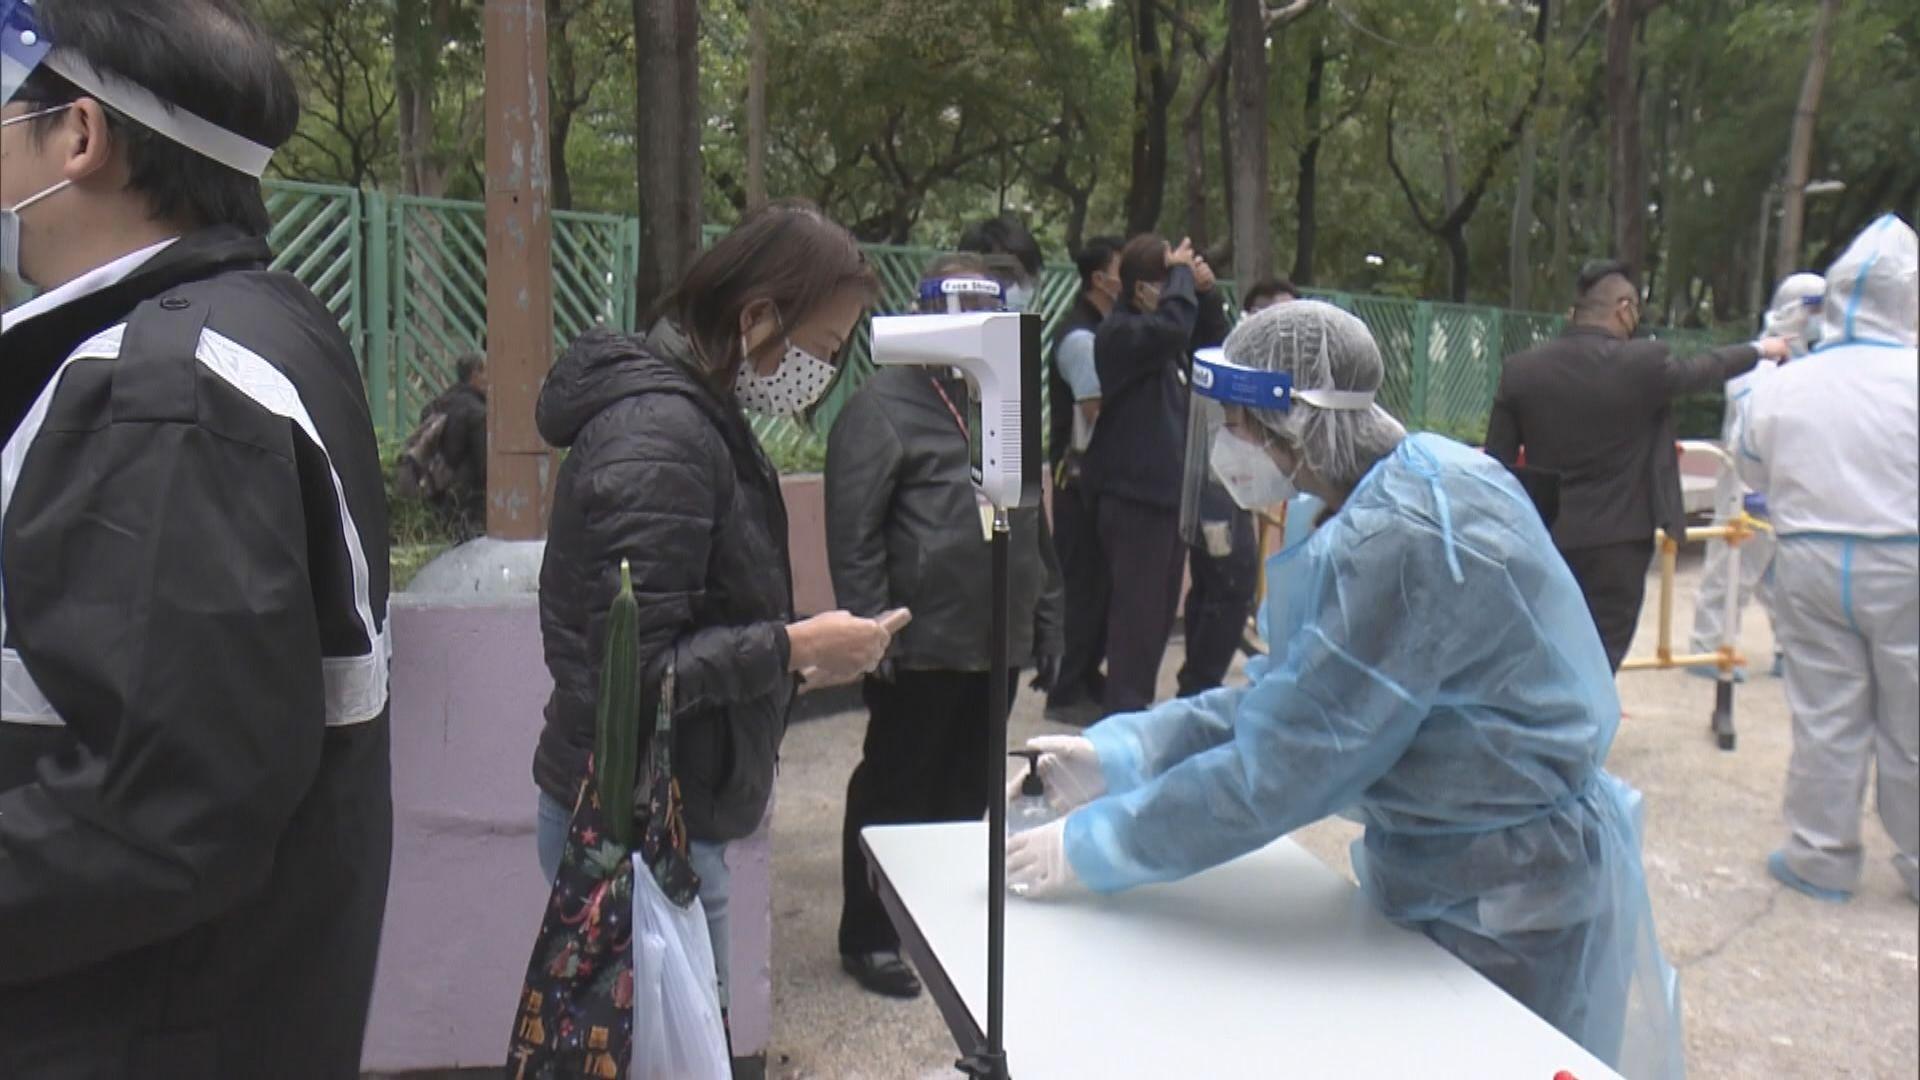 東頭邨貴東樓住戶強制檢測 有居民等候採樣